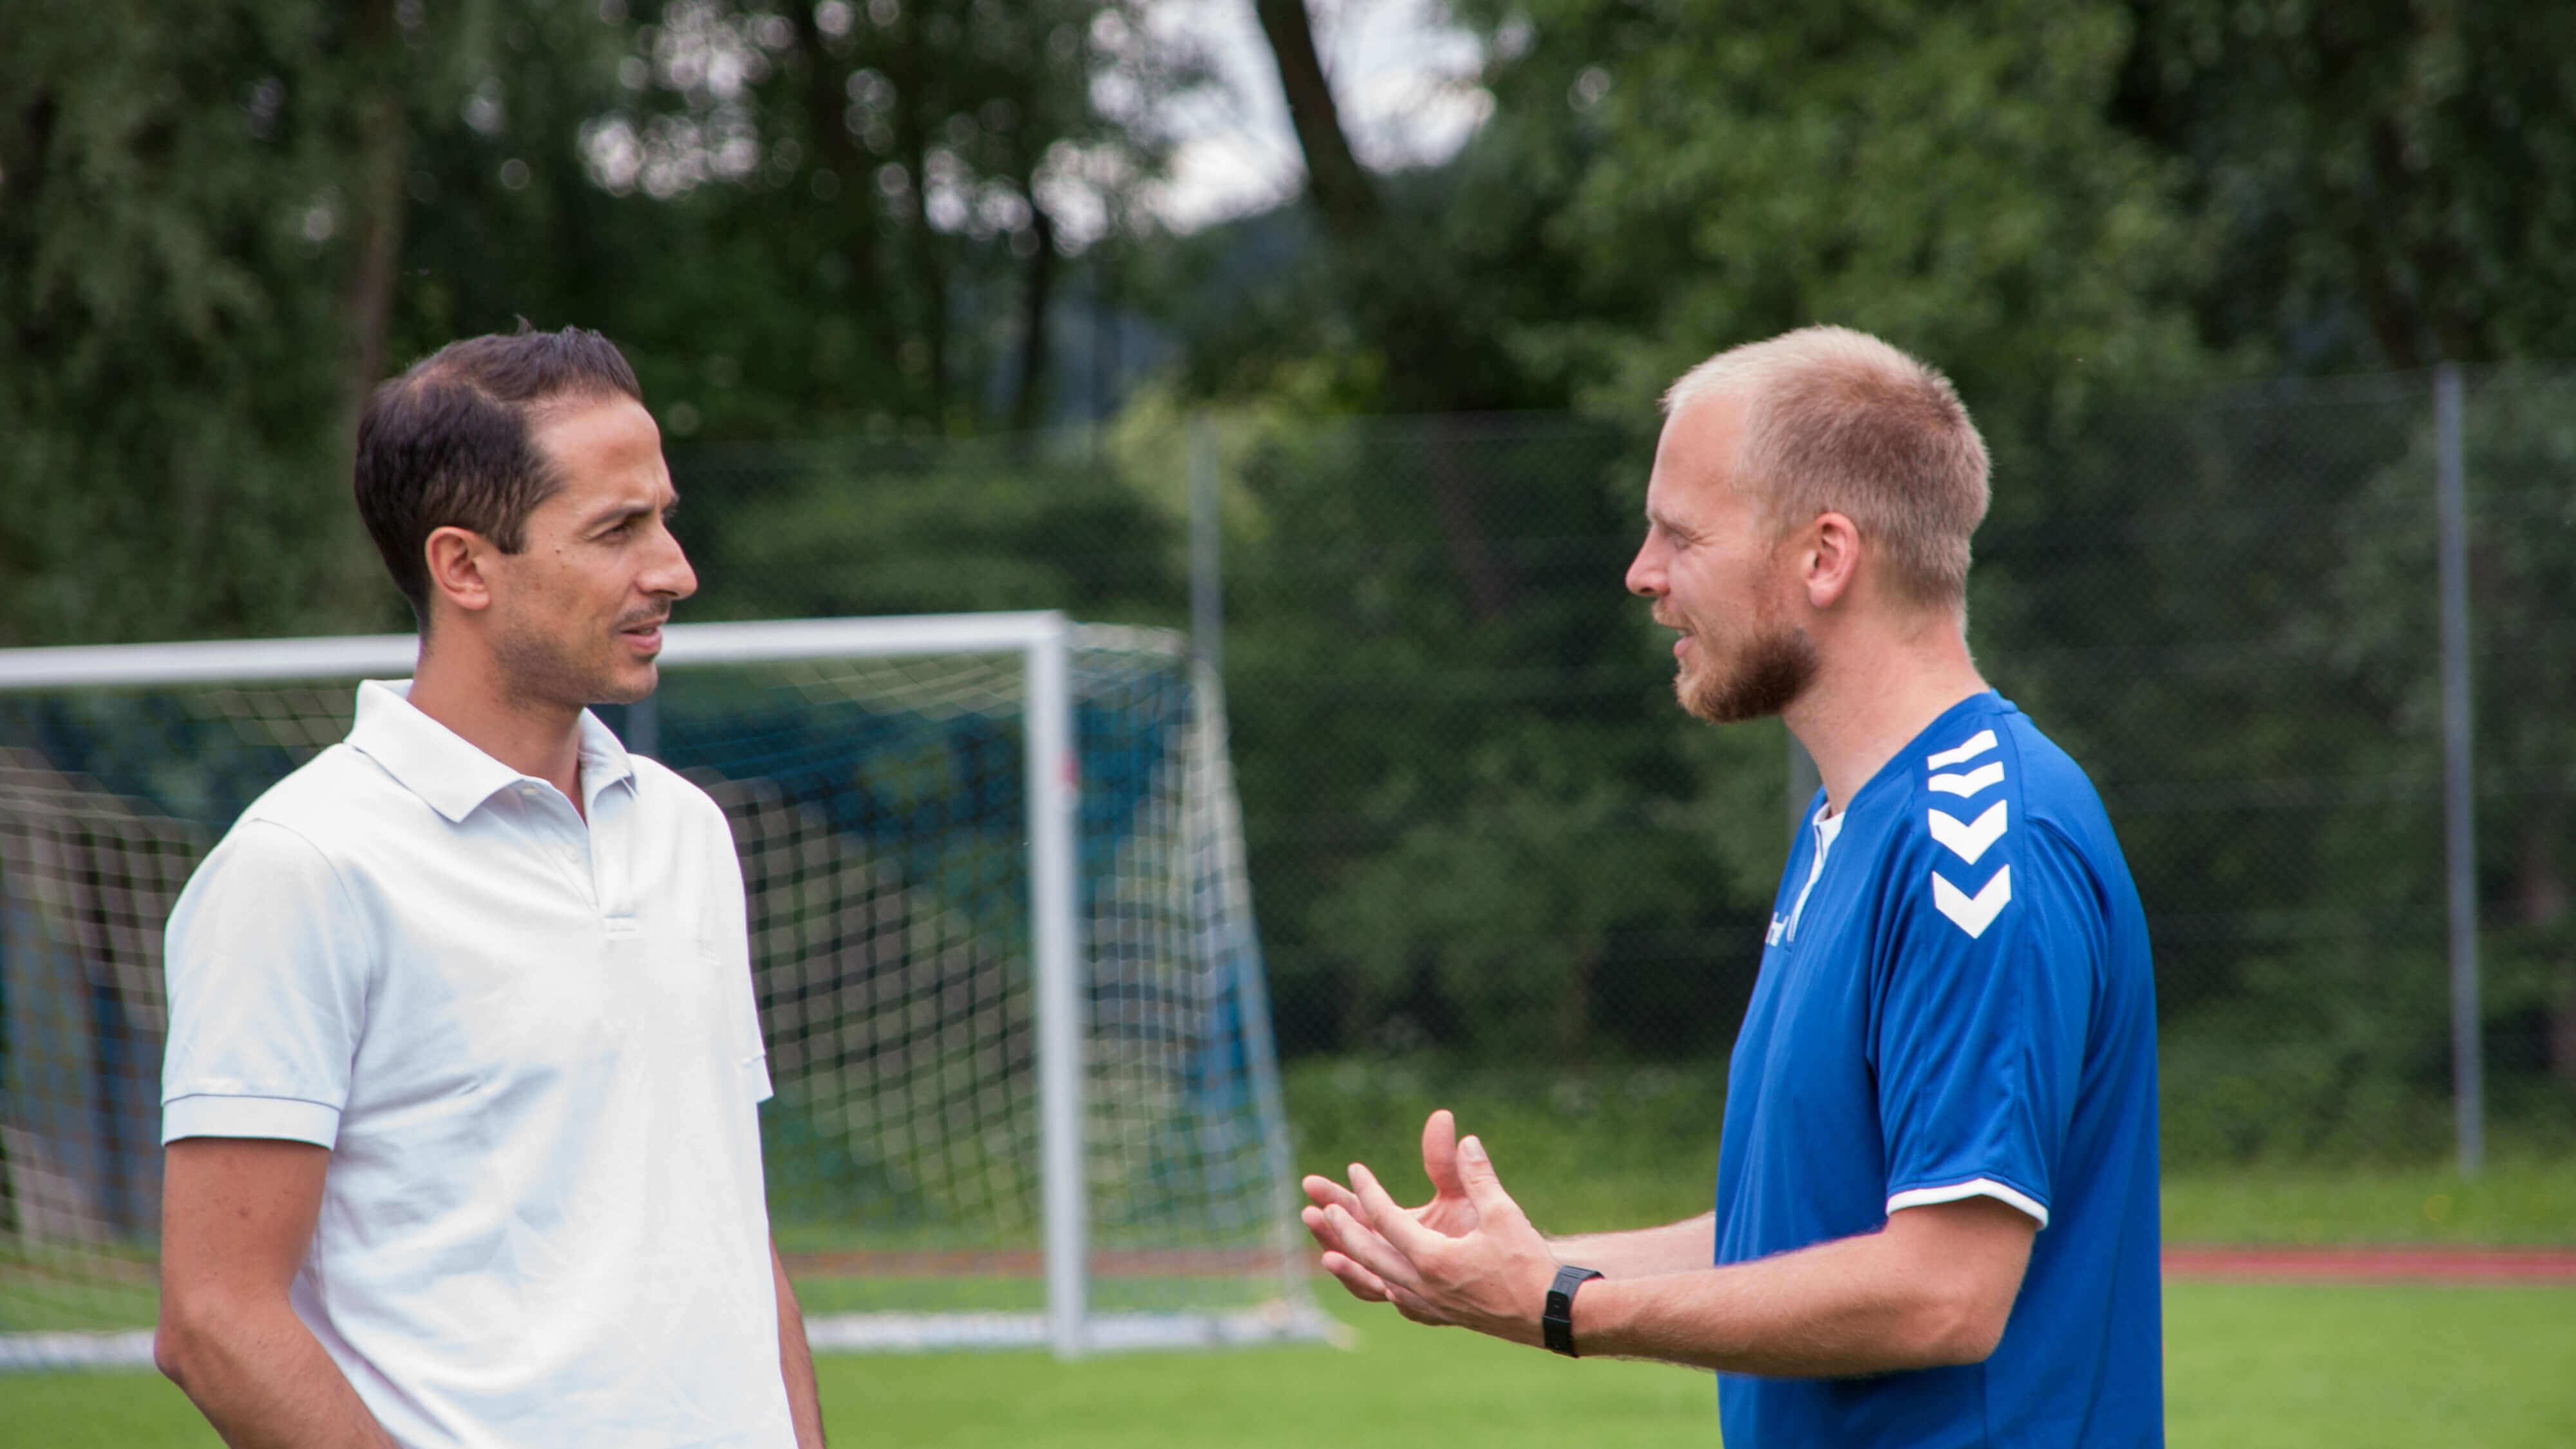 Salvatore Scolaro und Martin Grelics, die Gründer der Alpenkick Fussballschule